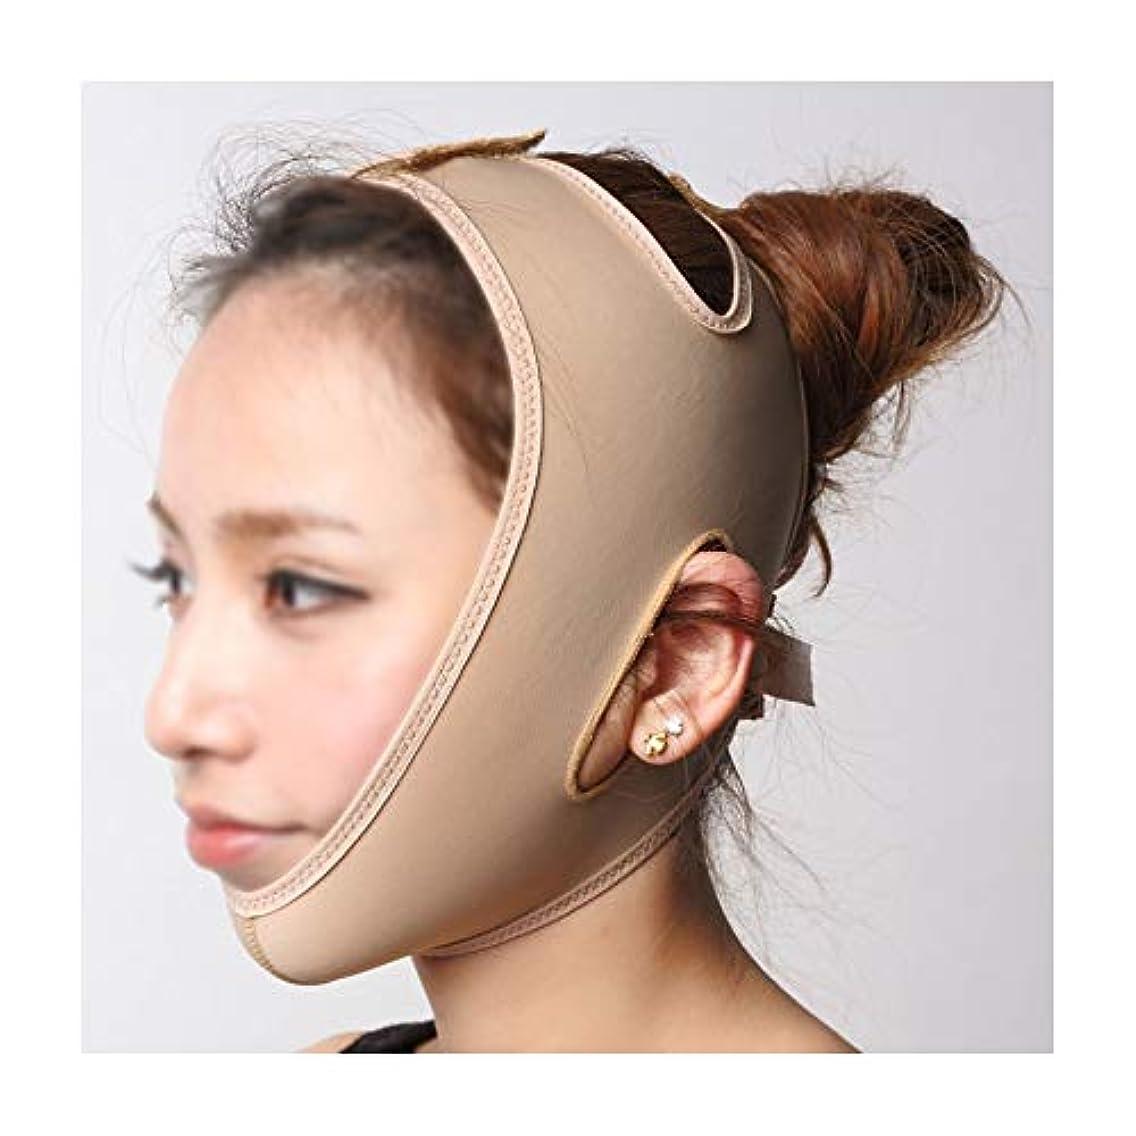 慈悲深いメジャー遠征XHLMRMJ 引き締めフェイスマスク、睡眠薄い顔包帯薄いフェイスマスクフェイスリフティングフェイスメロンフェイスVフェイスリフティング引き締め二重あご美容ツール (Size : XL)